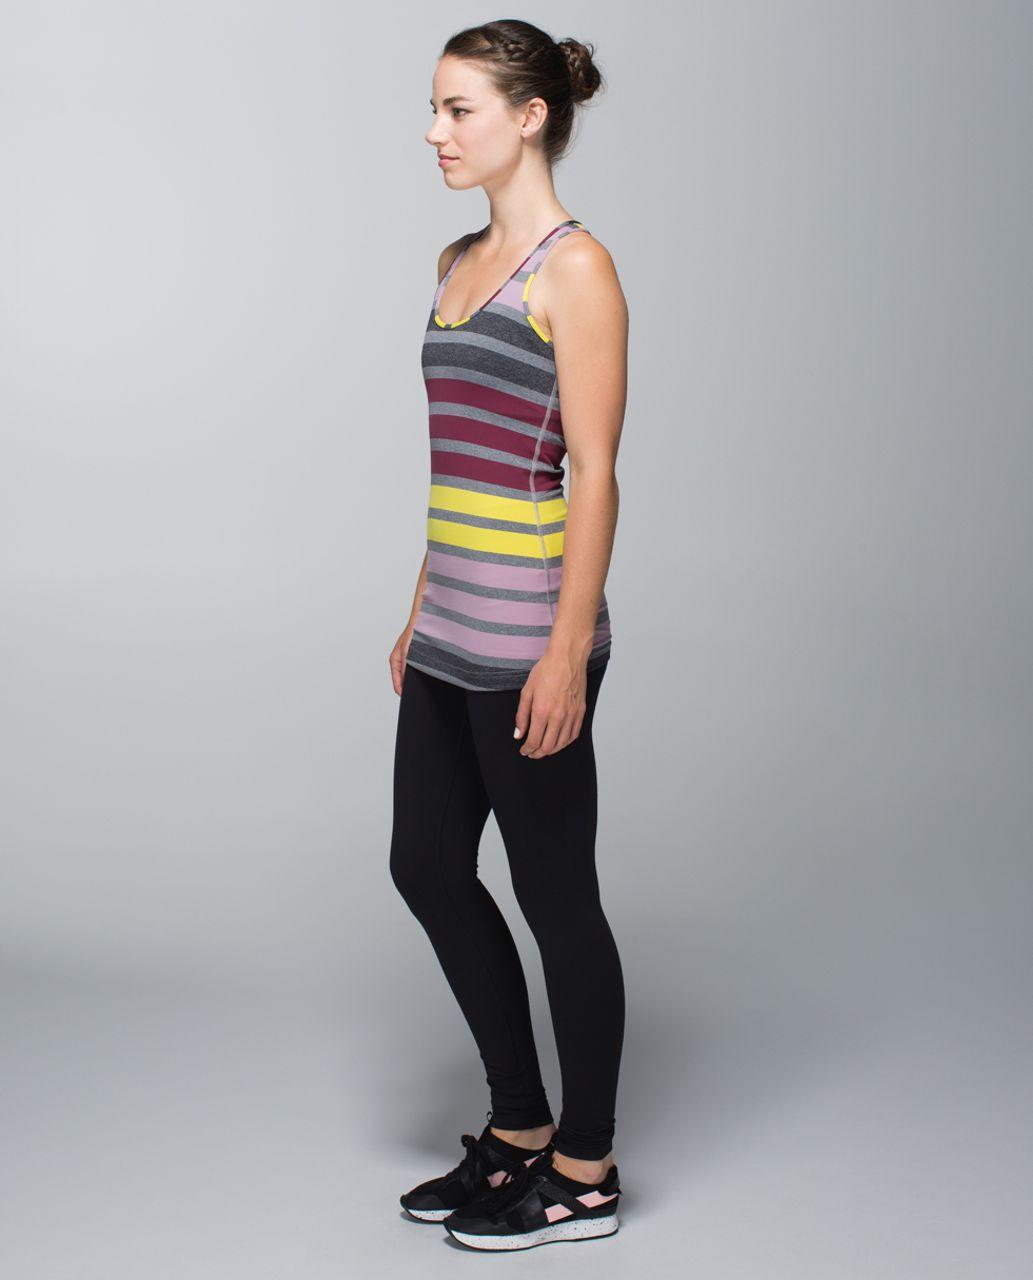 Lululemon Cool Racerback - Triplet Twin Stripe Mauvelous Heathered Slate